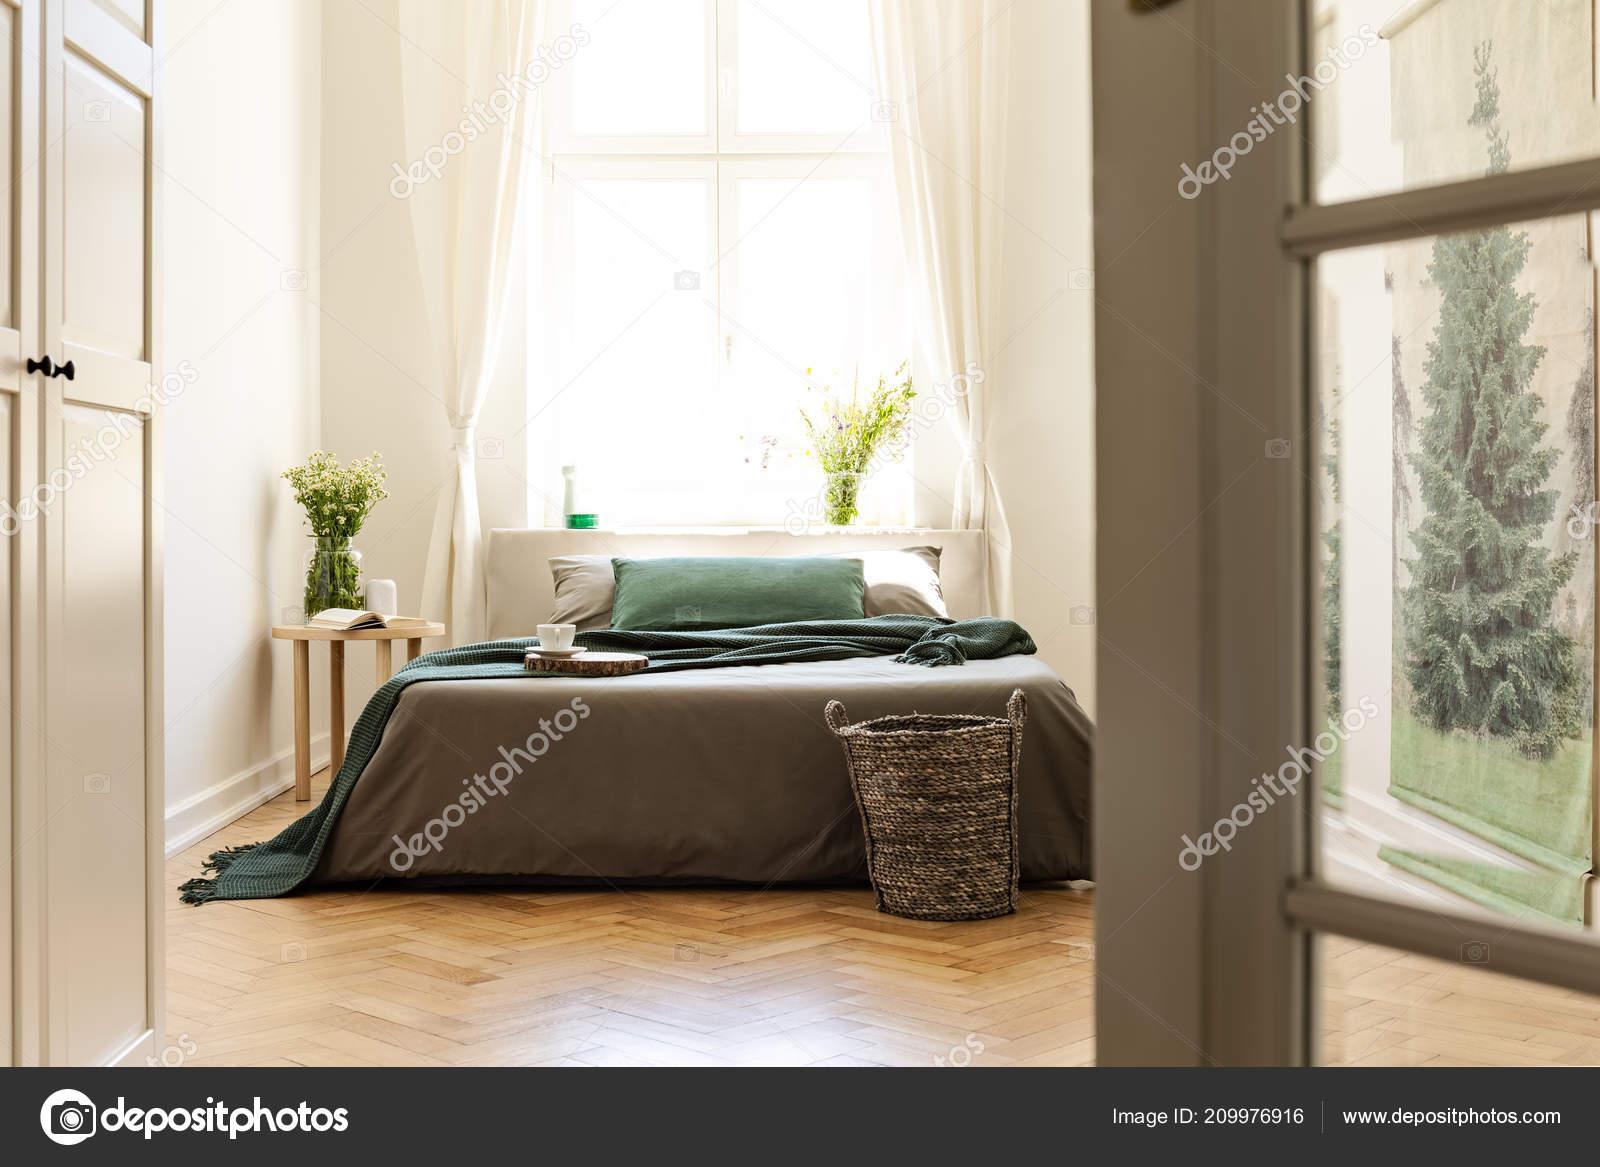 Couverture Verte Sur Lit Gris En Intérieur De Chambre Un Minimum Avec Des  Fleurs Et De La Fenêtre. Vraie Photou2013 Images De Stock Libres De Droits